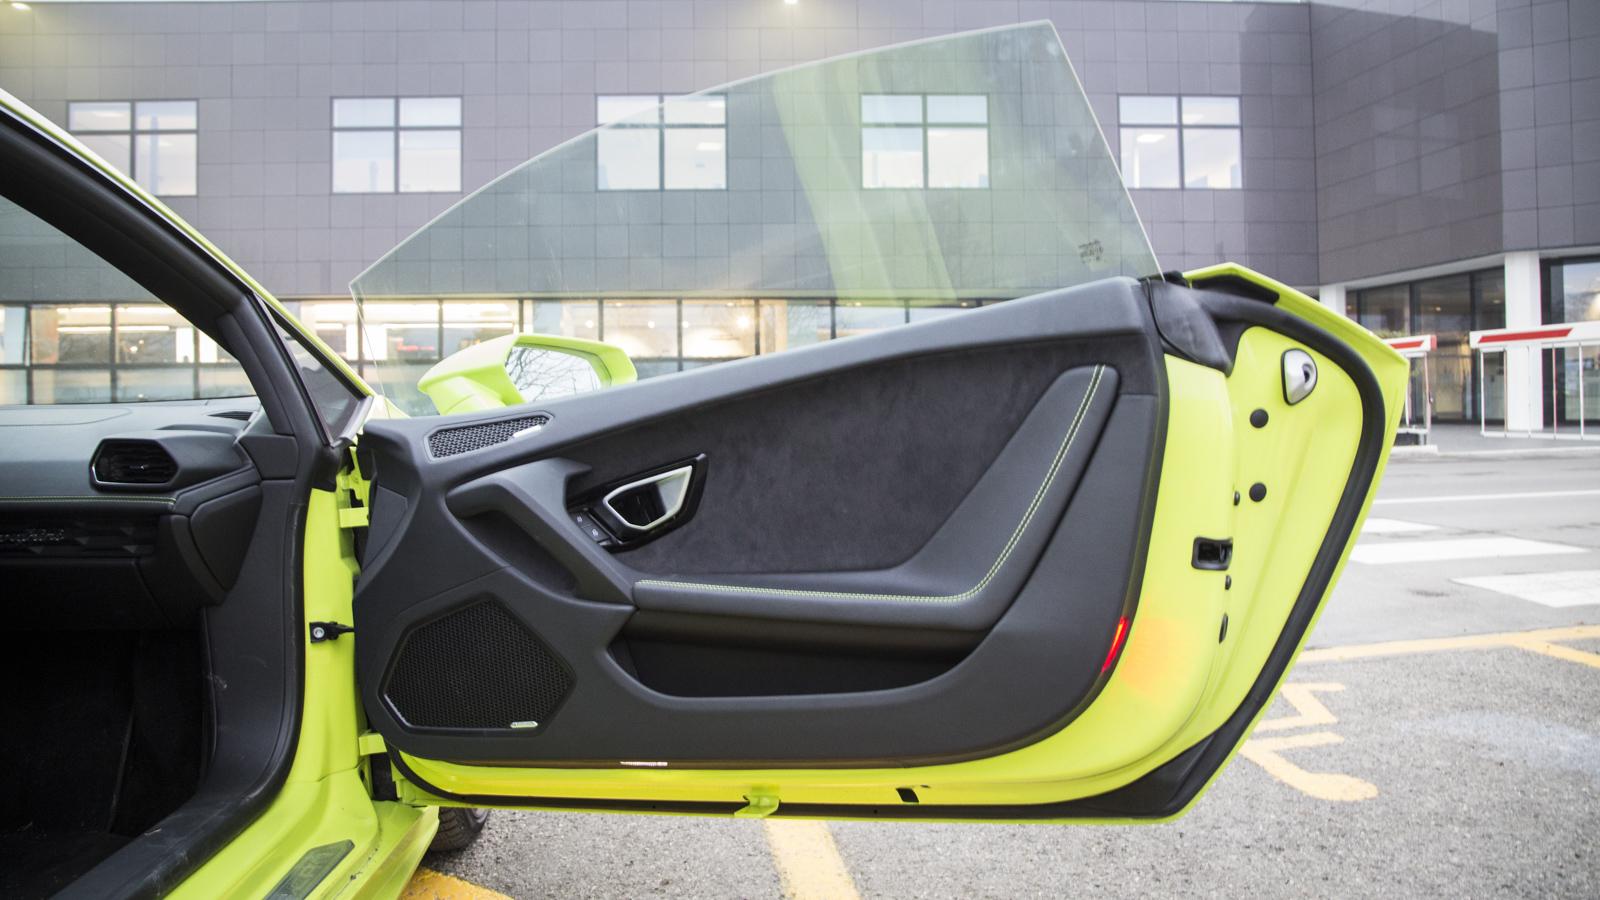 Test_Drive_Lamborghini_Huracan_LP610-4_83